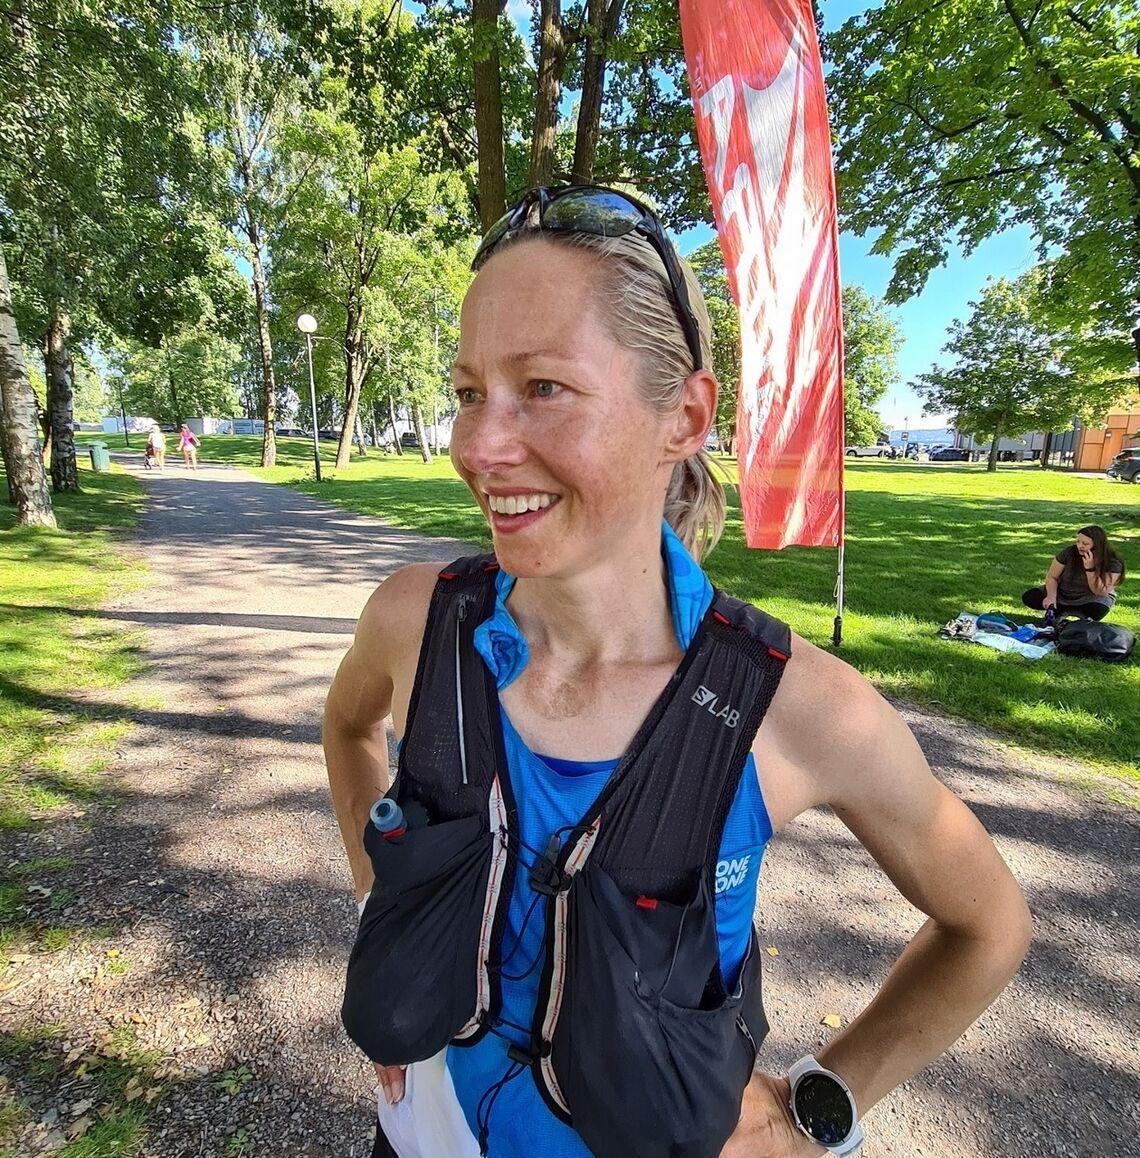 Mari Mauland er en av de som er påmeldt neste års 100 miles langs Oslofjorden. Hun har også fått med seg søsteren Sara. (Foto: Tomas Pinås)